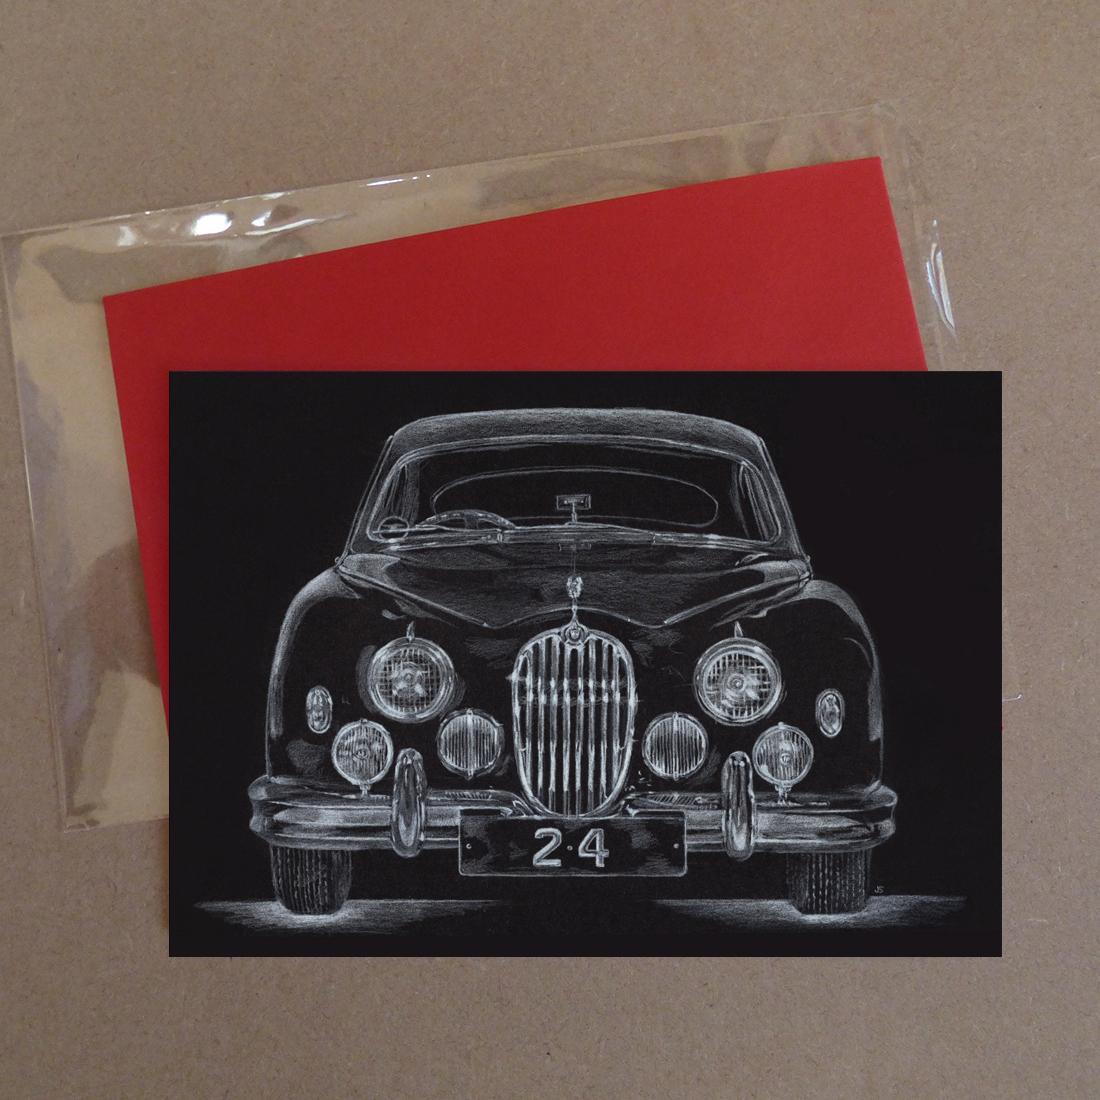 Jaguar Car 2.4 Greeting Card